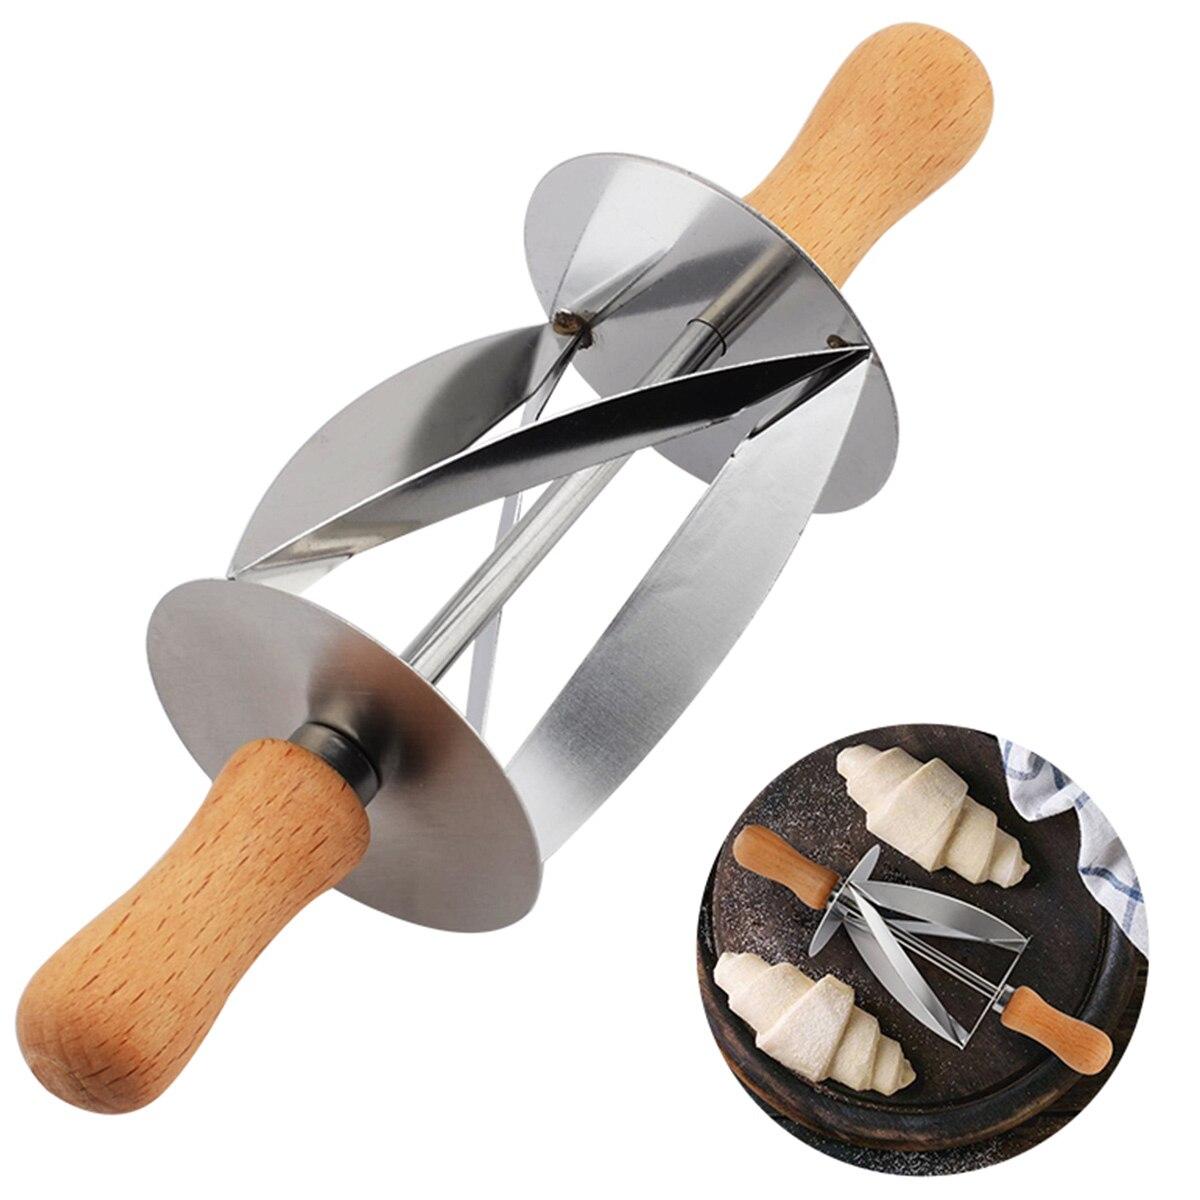 Нержавеющая сталь прокатки резак для изготовления круассан хлеб колесо теста Кондитерская деревянная ручка ножа выпечки кухонный нож